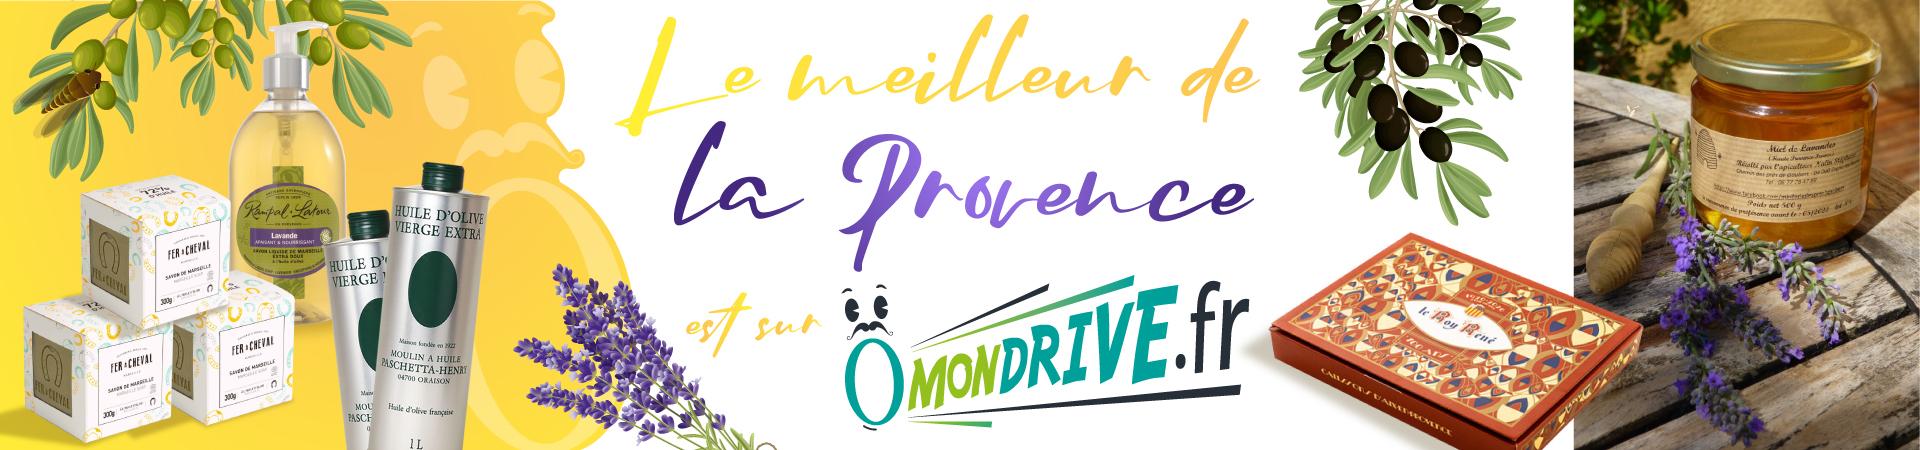 Produits made in Provence à acheter sur Ondrive